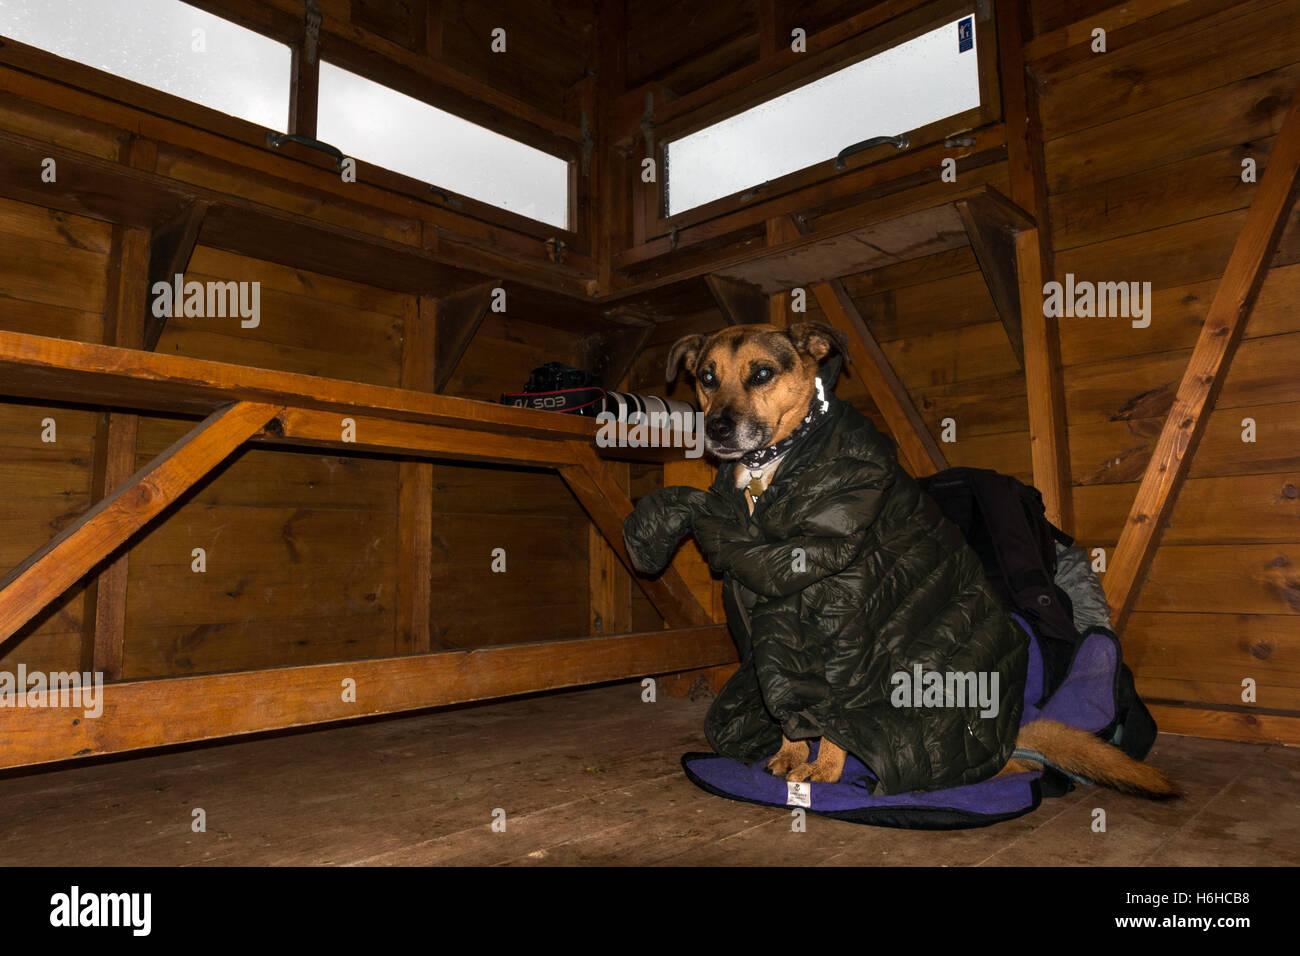 Haustiere: Hund freundlich Vogel versteckten, RSPB Loch von Strathbeg, Schottland, Großbritannien Stockbild